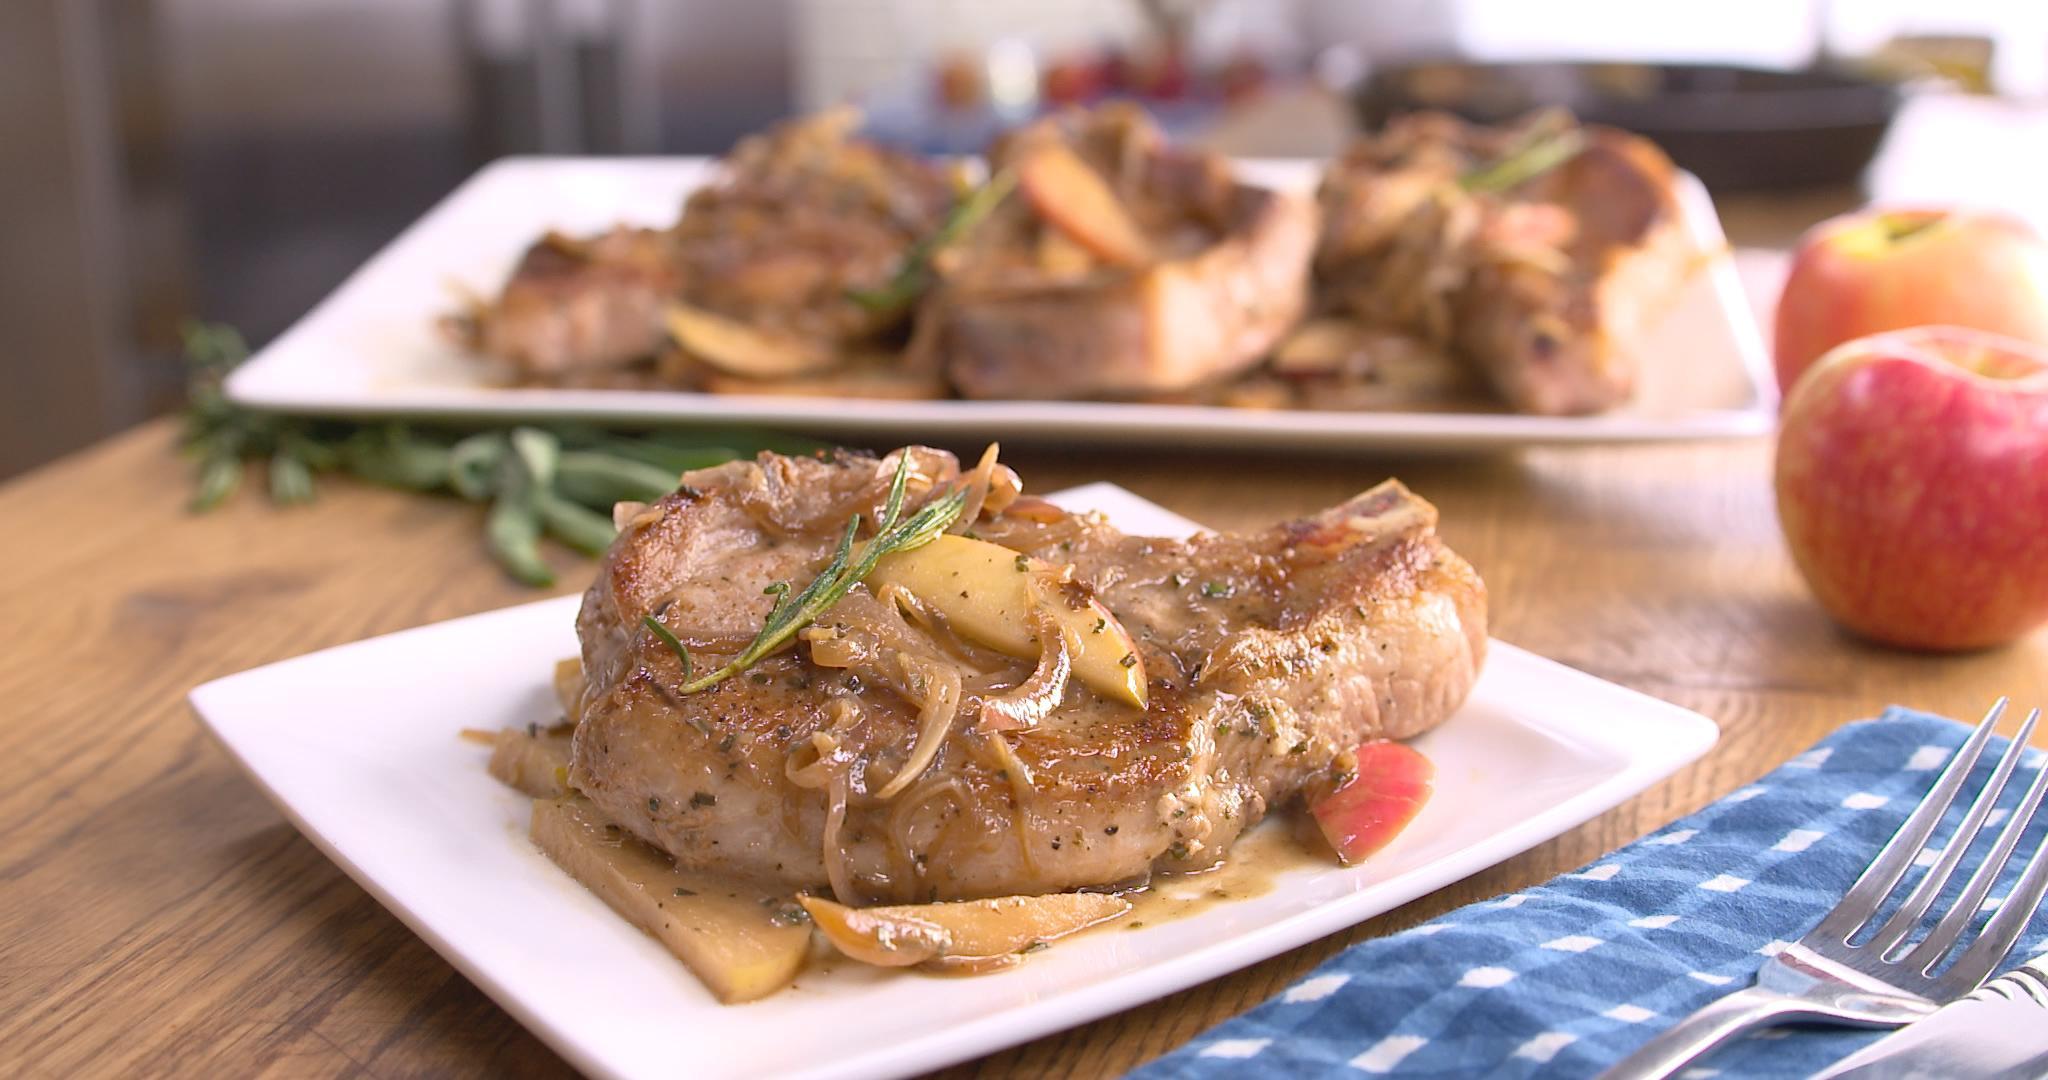 Best Bites: Skillet apple pork chops